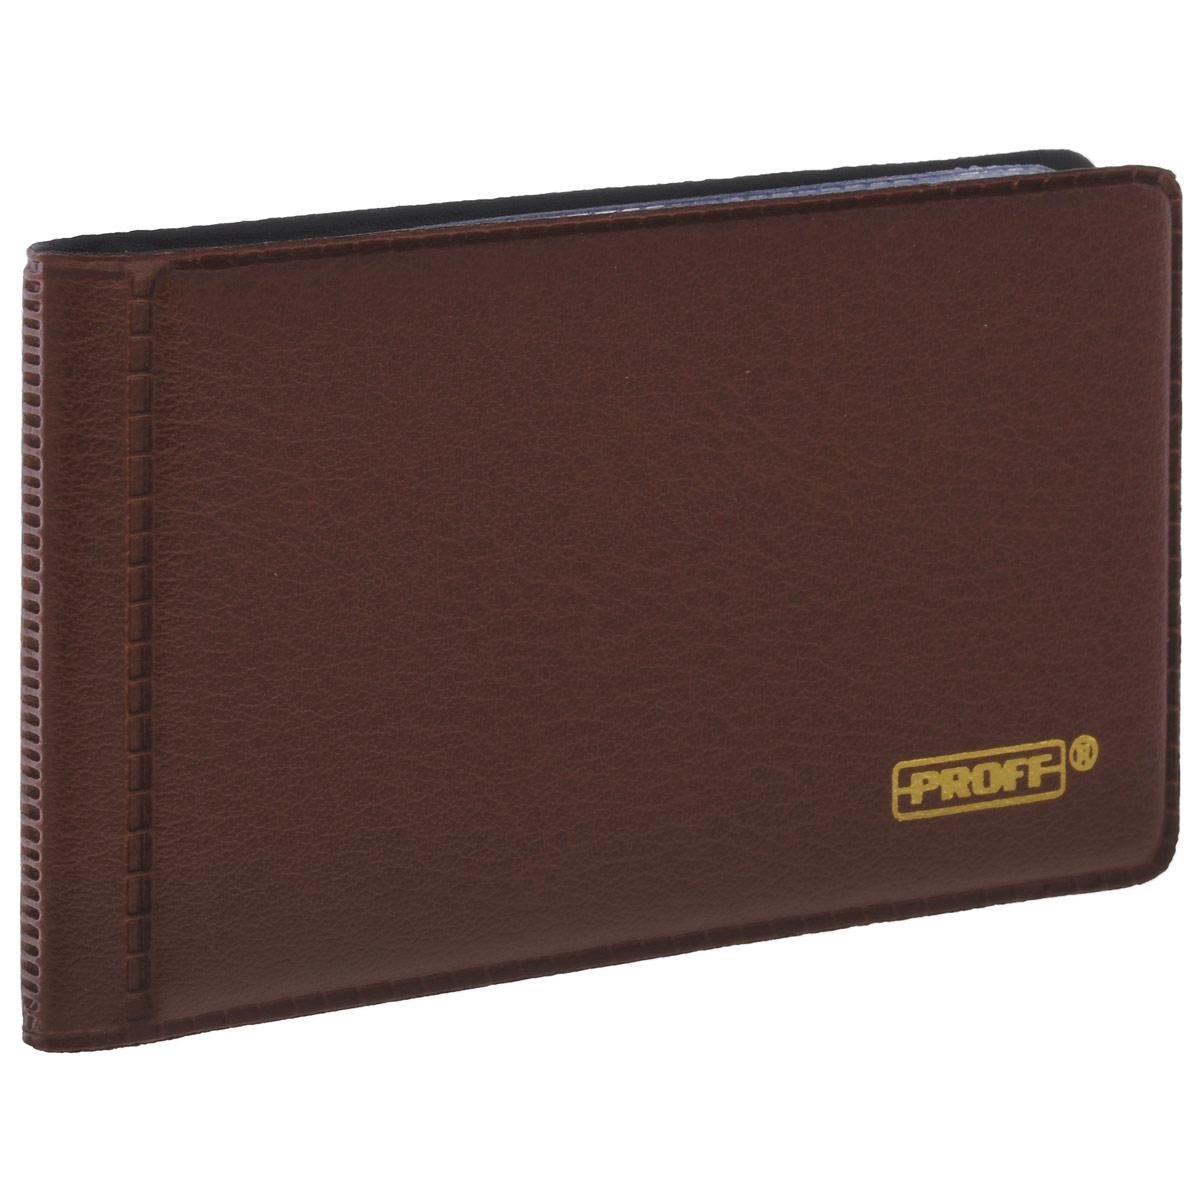 Визитница Proff, цвет: коричневый. PLF0405PLF0405Визитница Proff прекрасно подойдет для хранения визитных карточек. Обложка выполнена из искусственной кожи коричневого цвета. Внутри содержится блок из 12 листов, выполненных из прозрачного ПВХ. Каждый лист вмещает 2 визитки. Визитница - незаменимый аксессуар делового человека, который важно всегда носить с собой или хранить на своем рабочем столе.